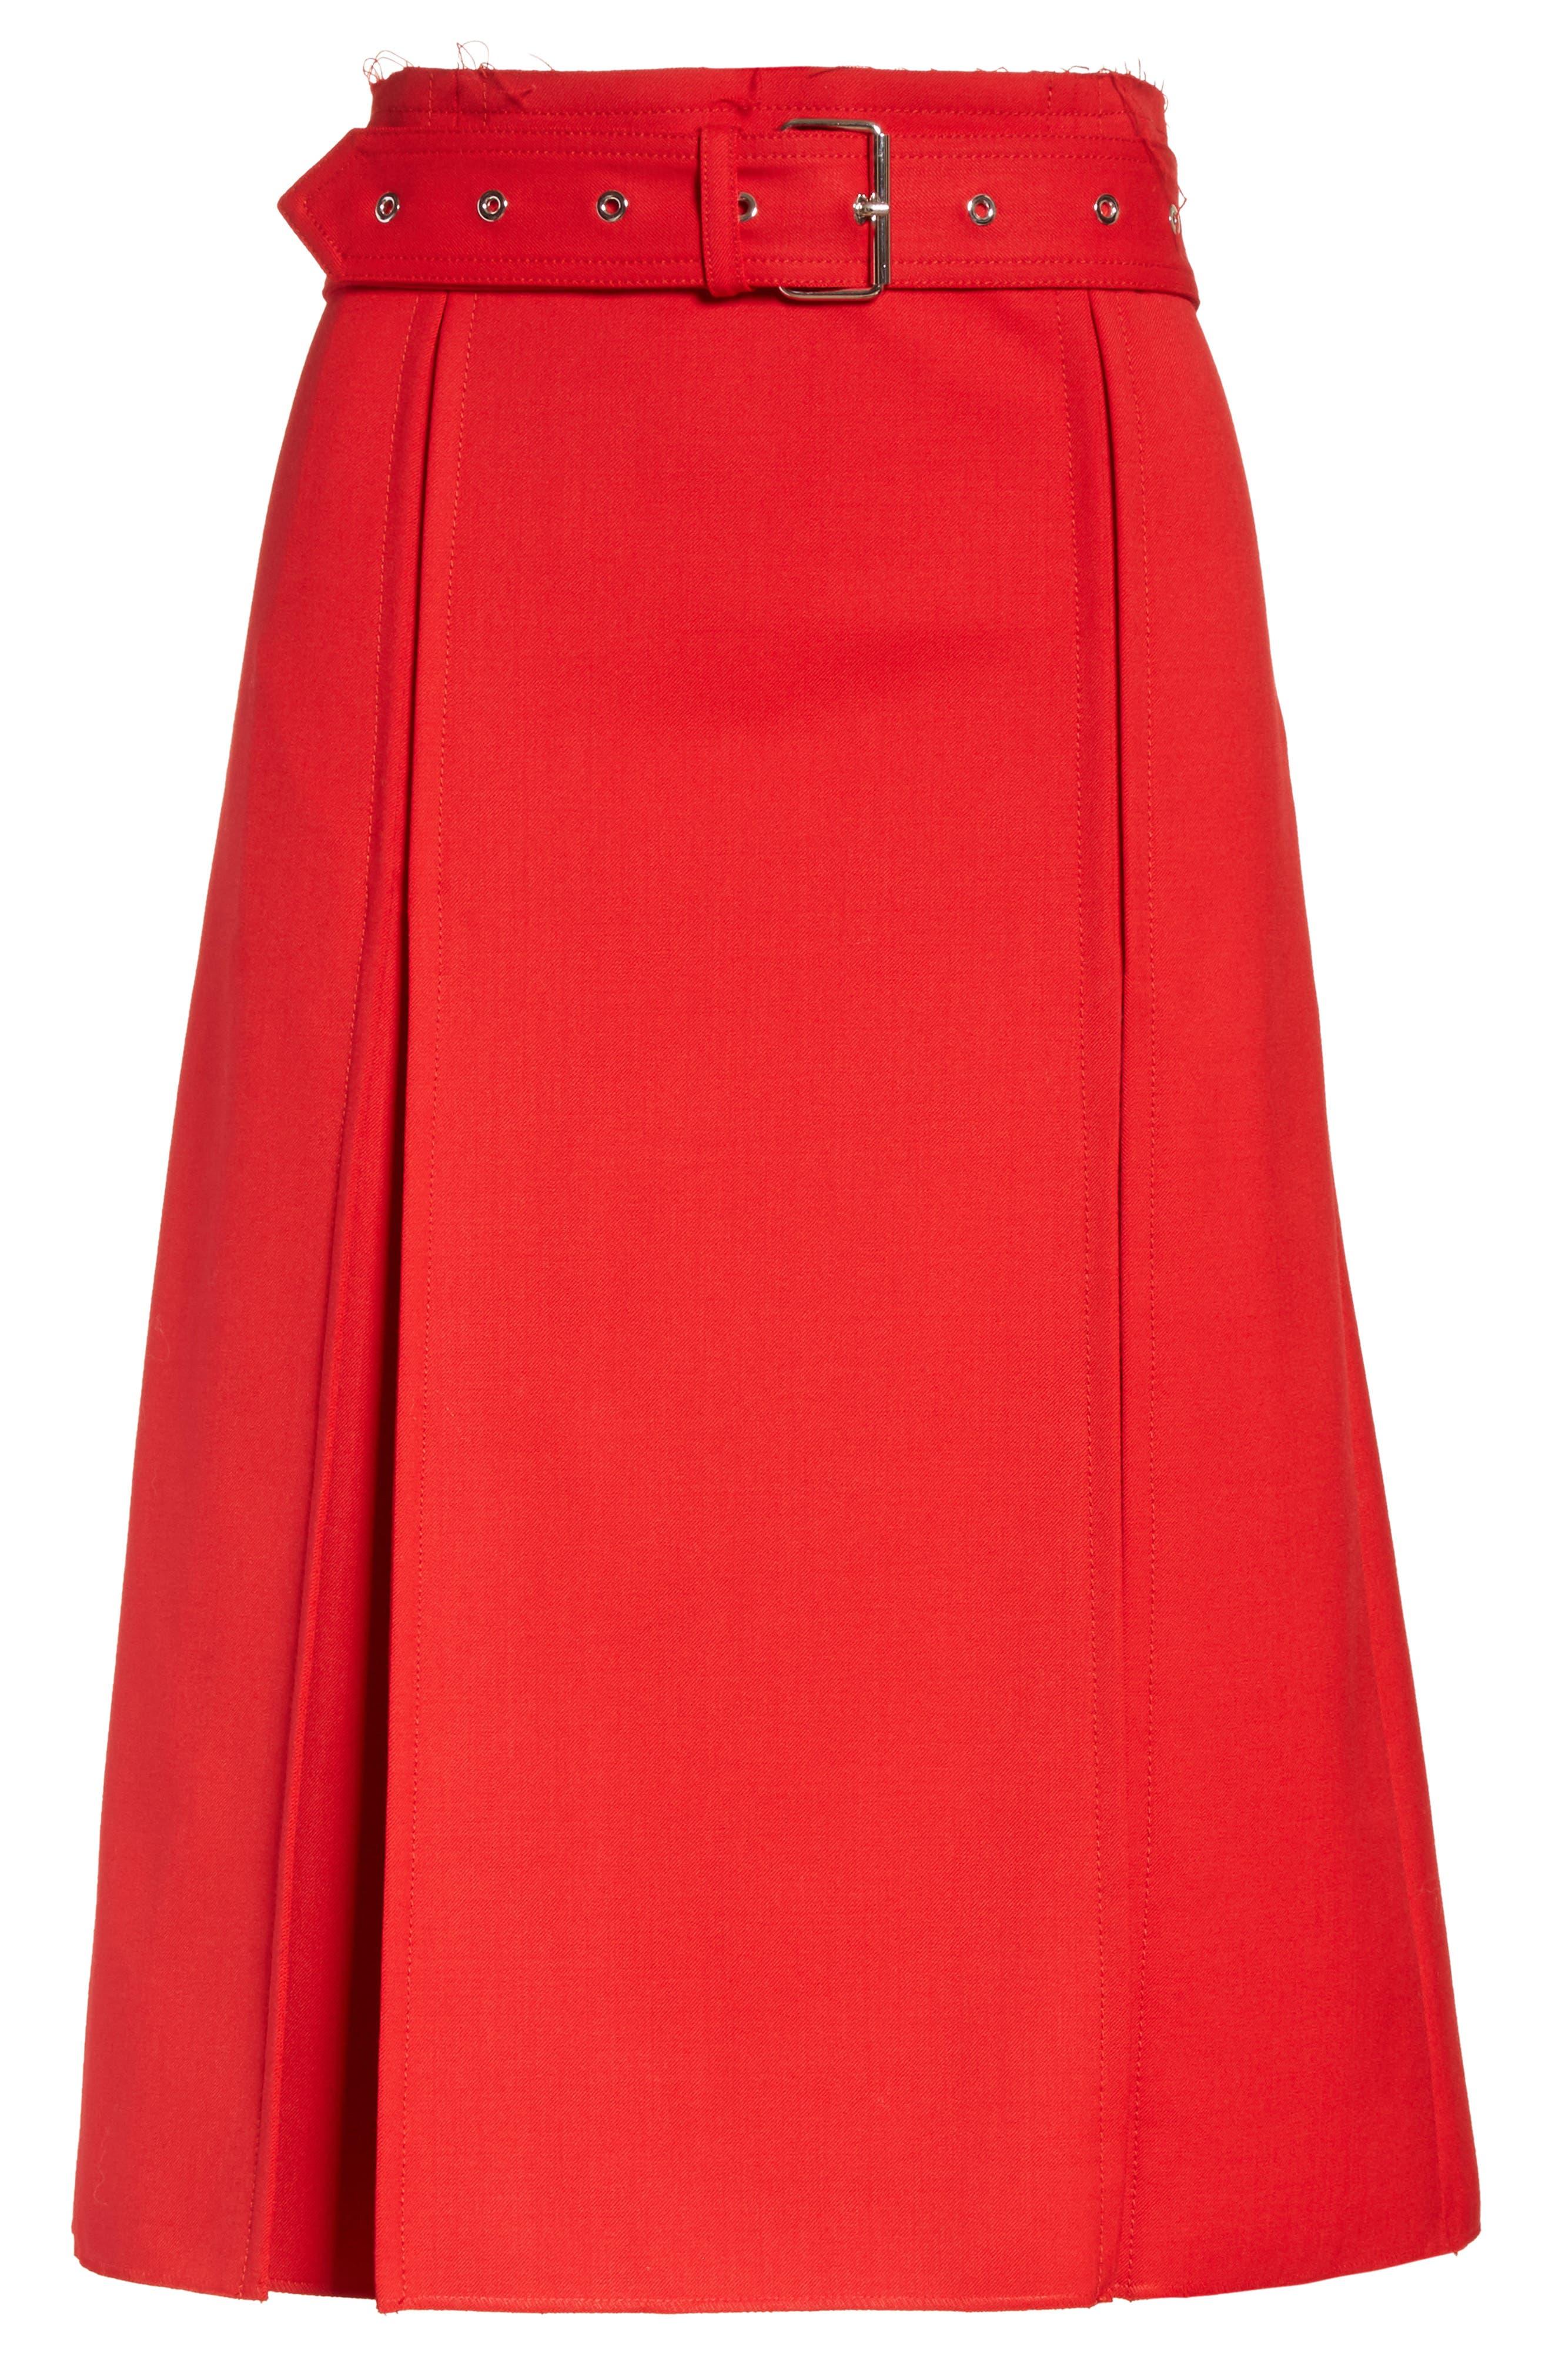 Suiting Kilt Skirt,                             Alternate thumbnail 6, color,                             600